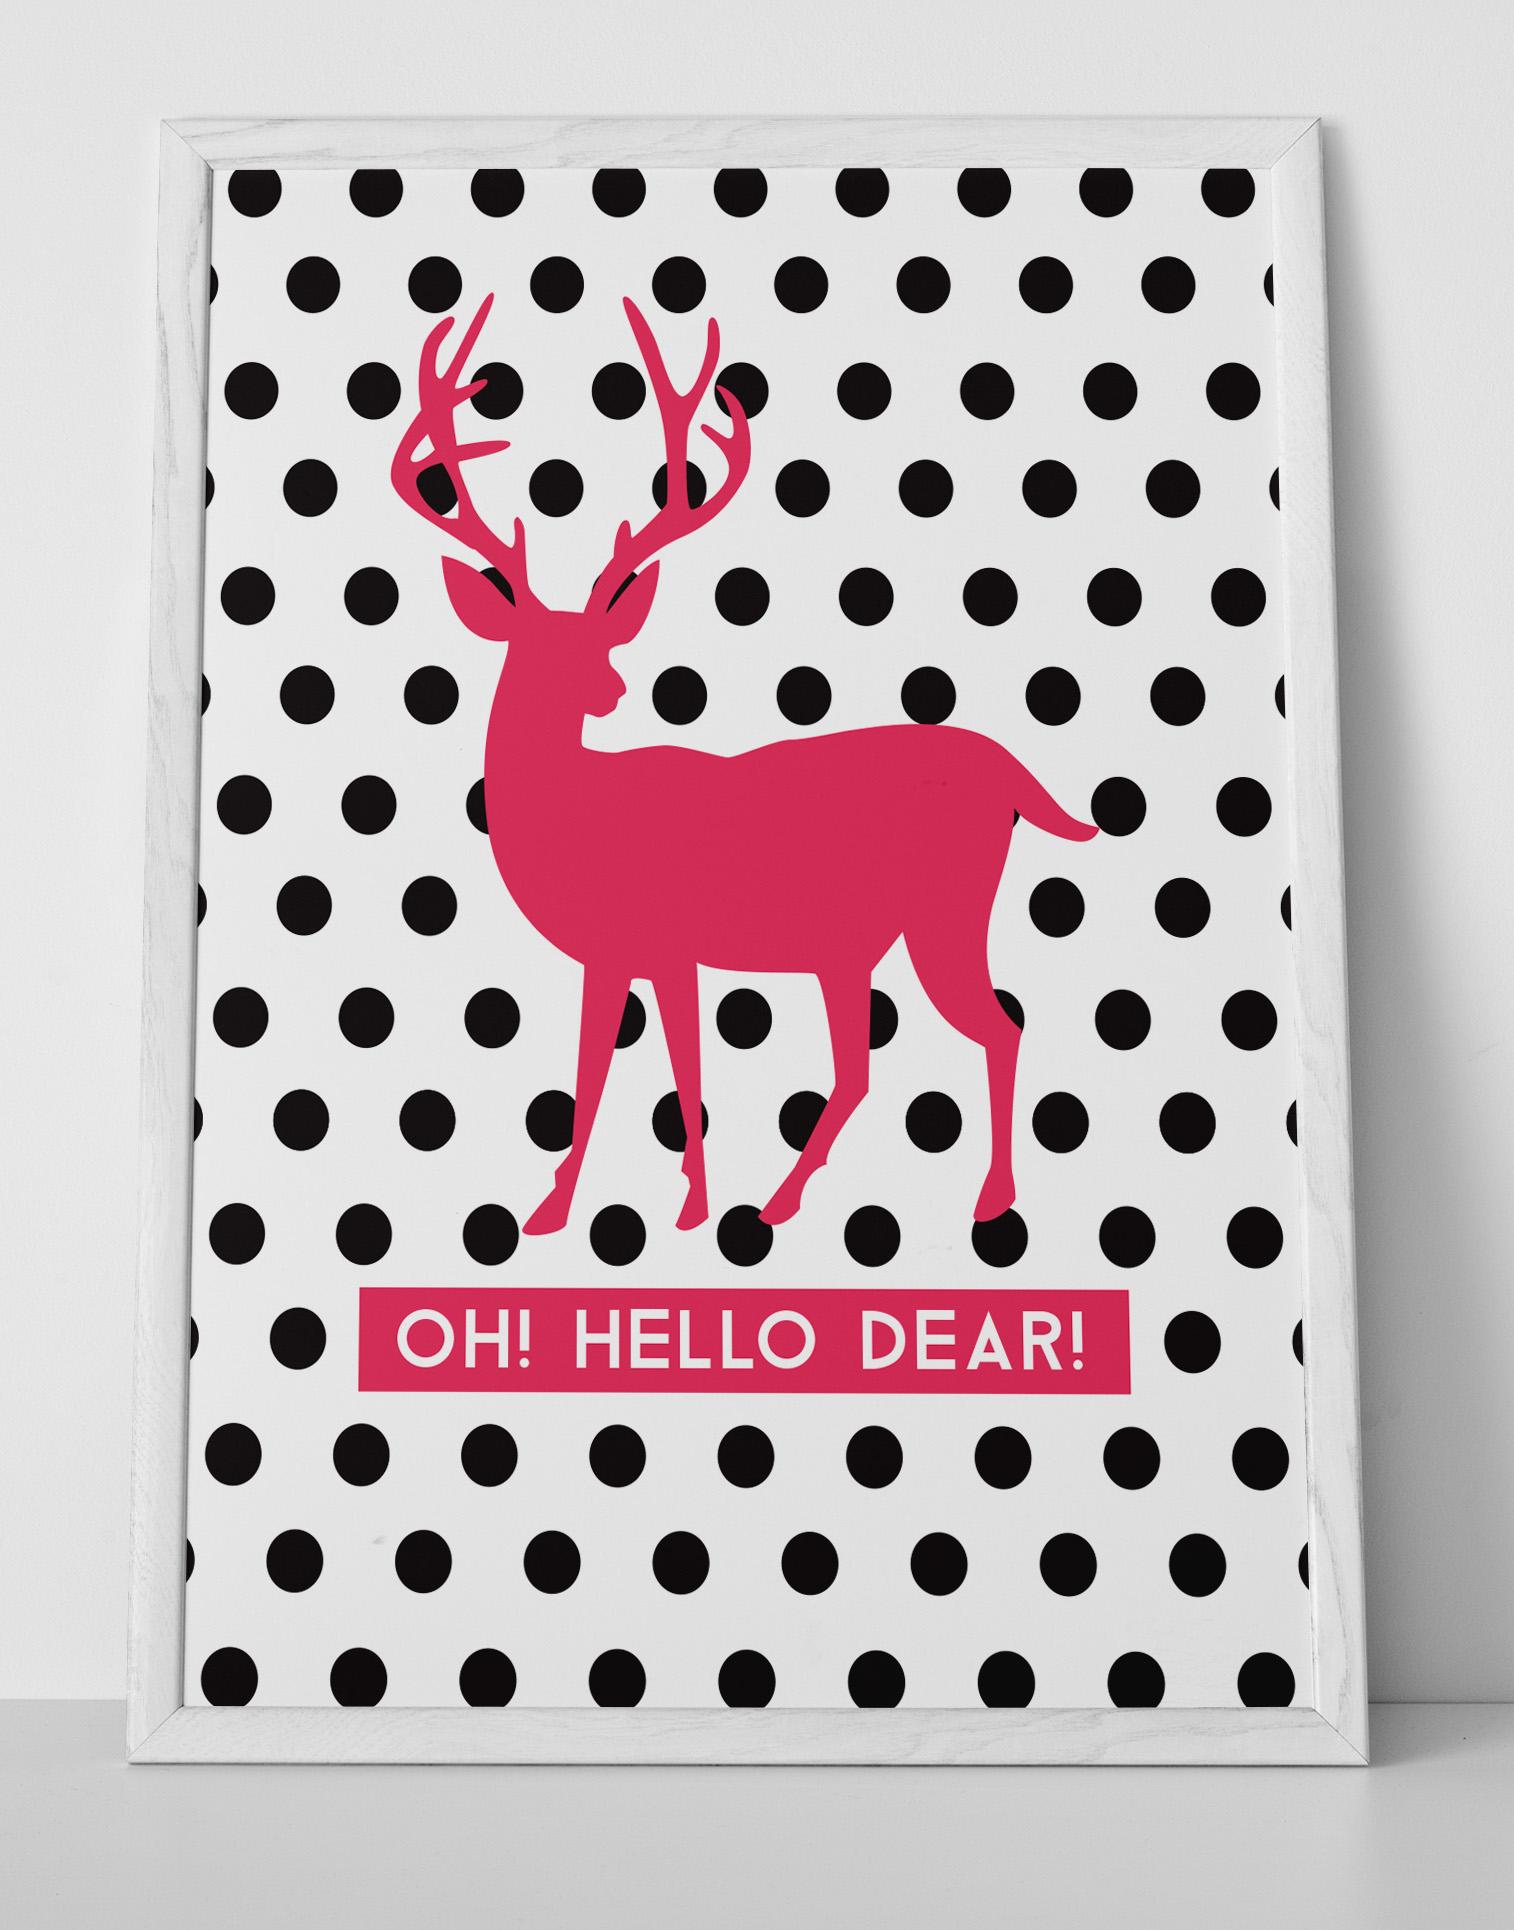 Pink and Black Polka Dot Wall